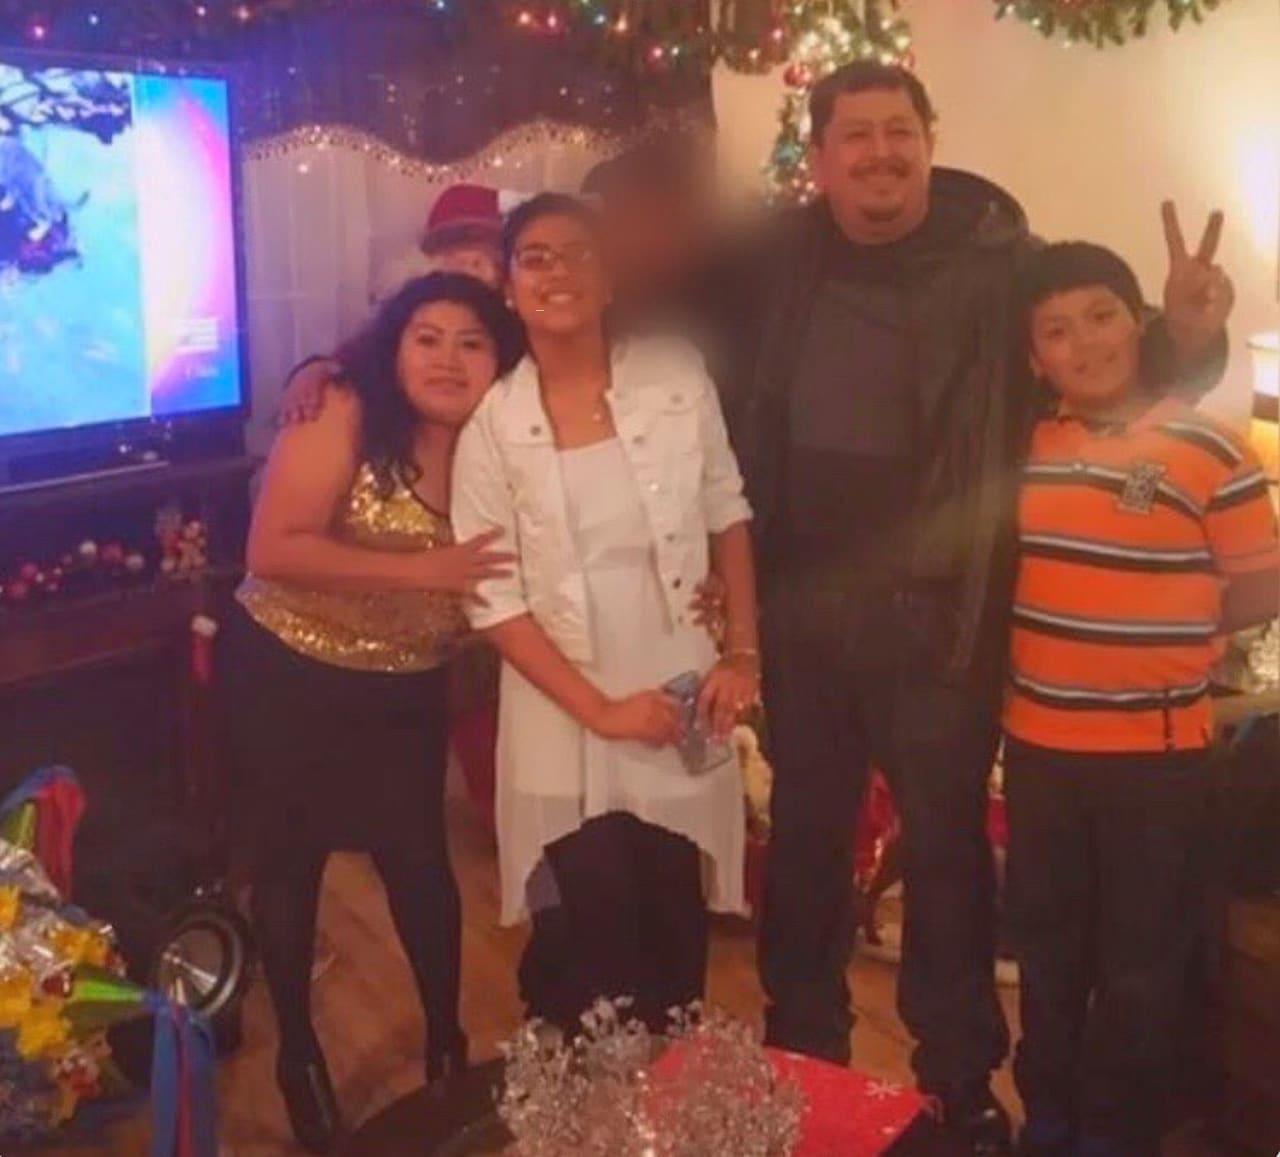 The quadruple murder of William Yah Escaño